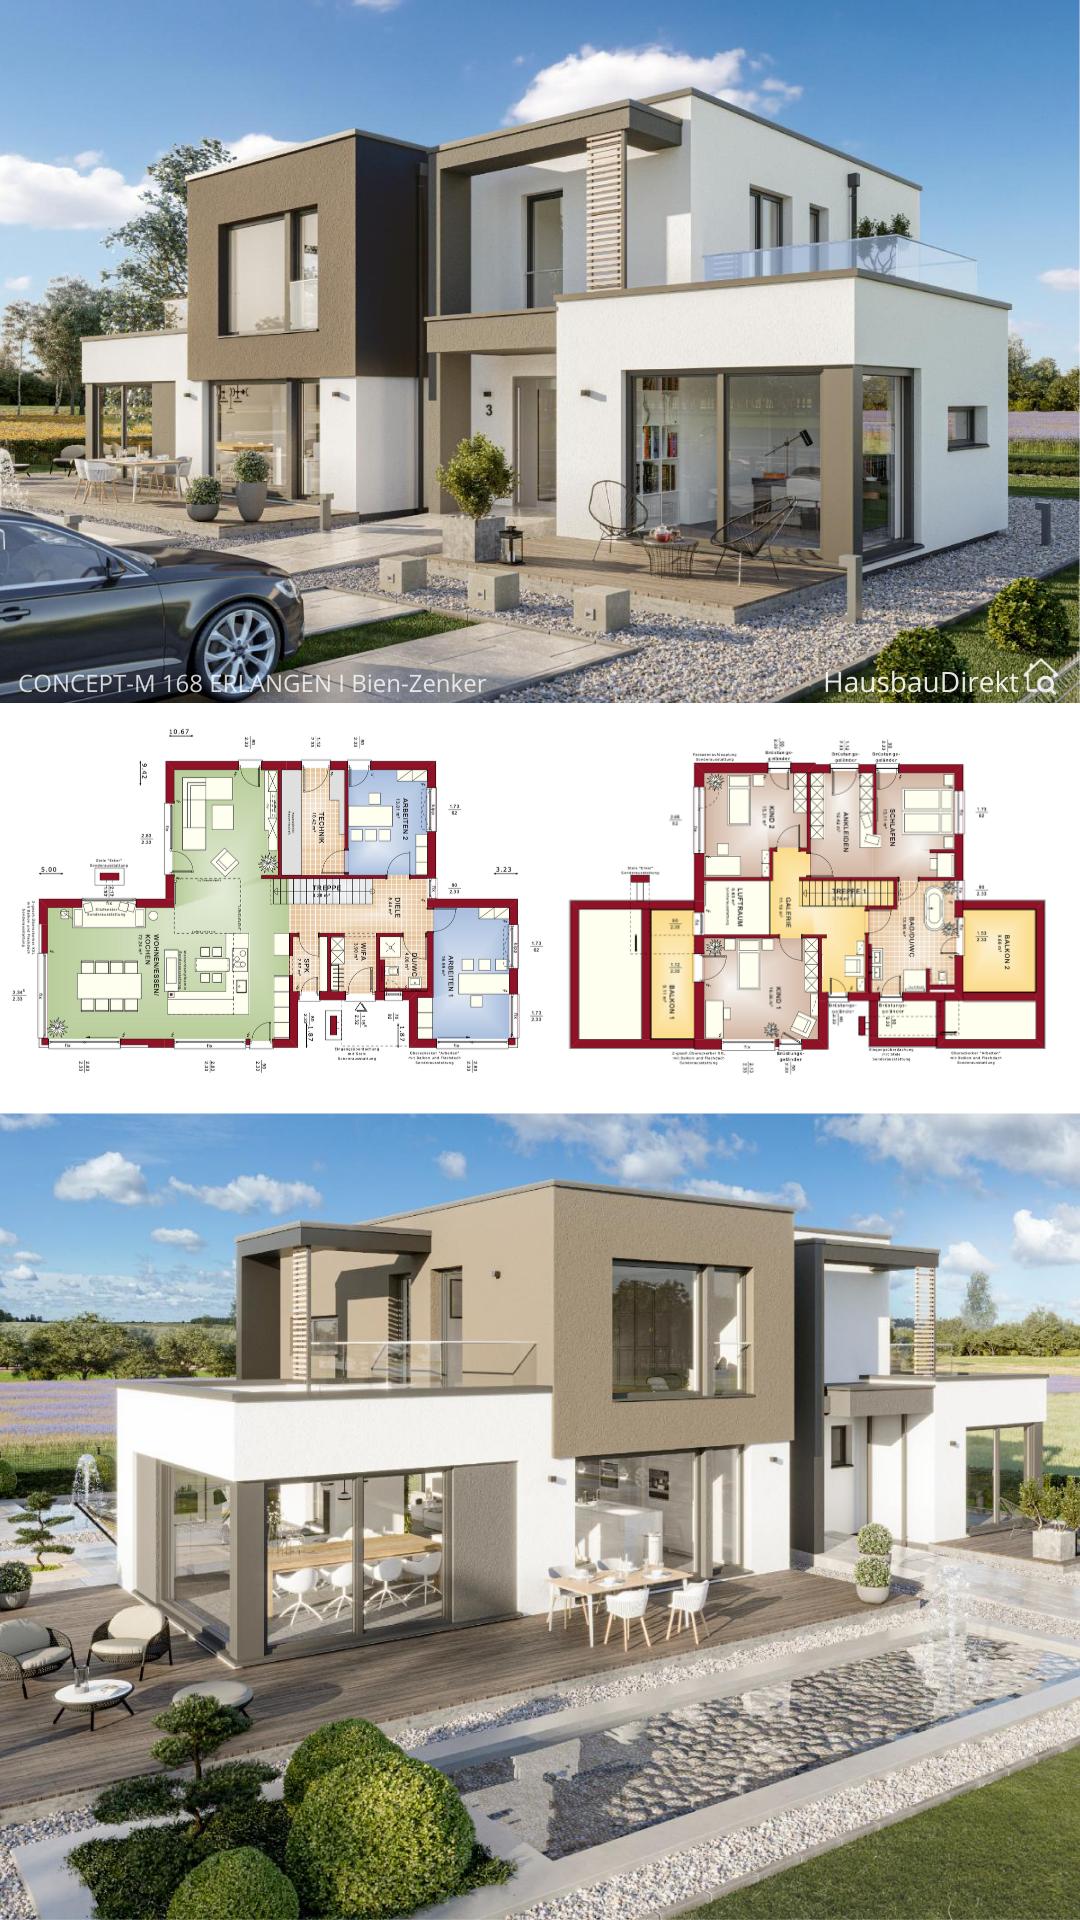 Einfamilienhaus modern im Bauhausstil mit Flachdach & Erker bauen offener Haus Grundriss 220 qm